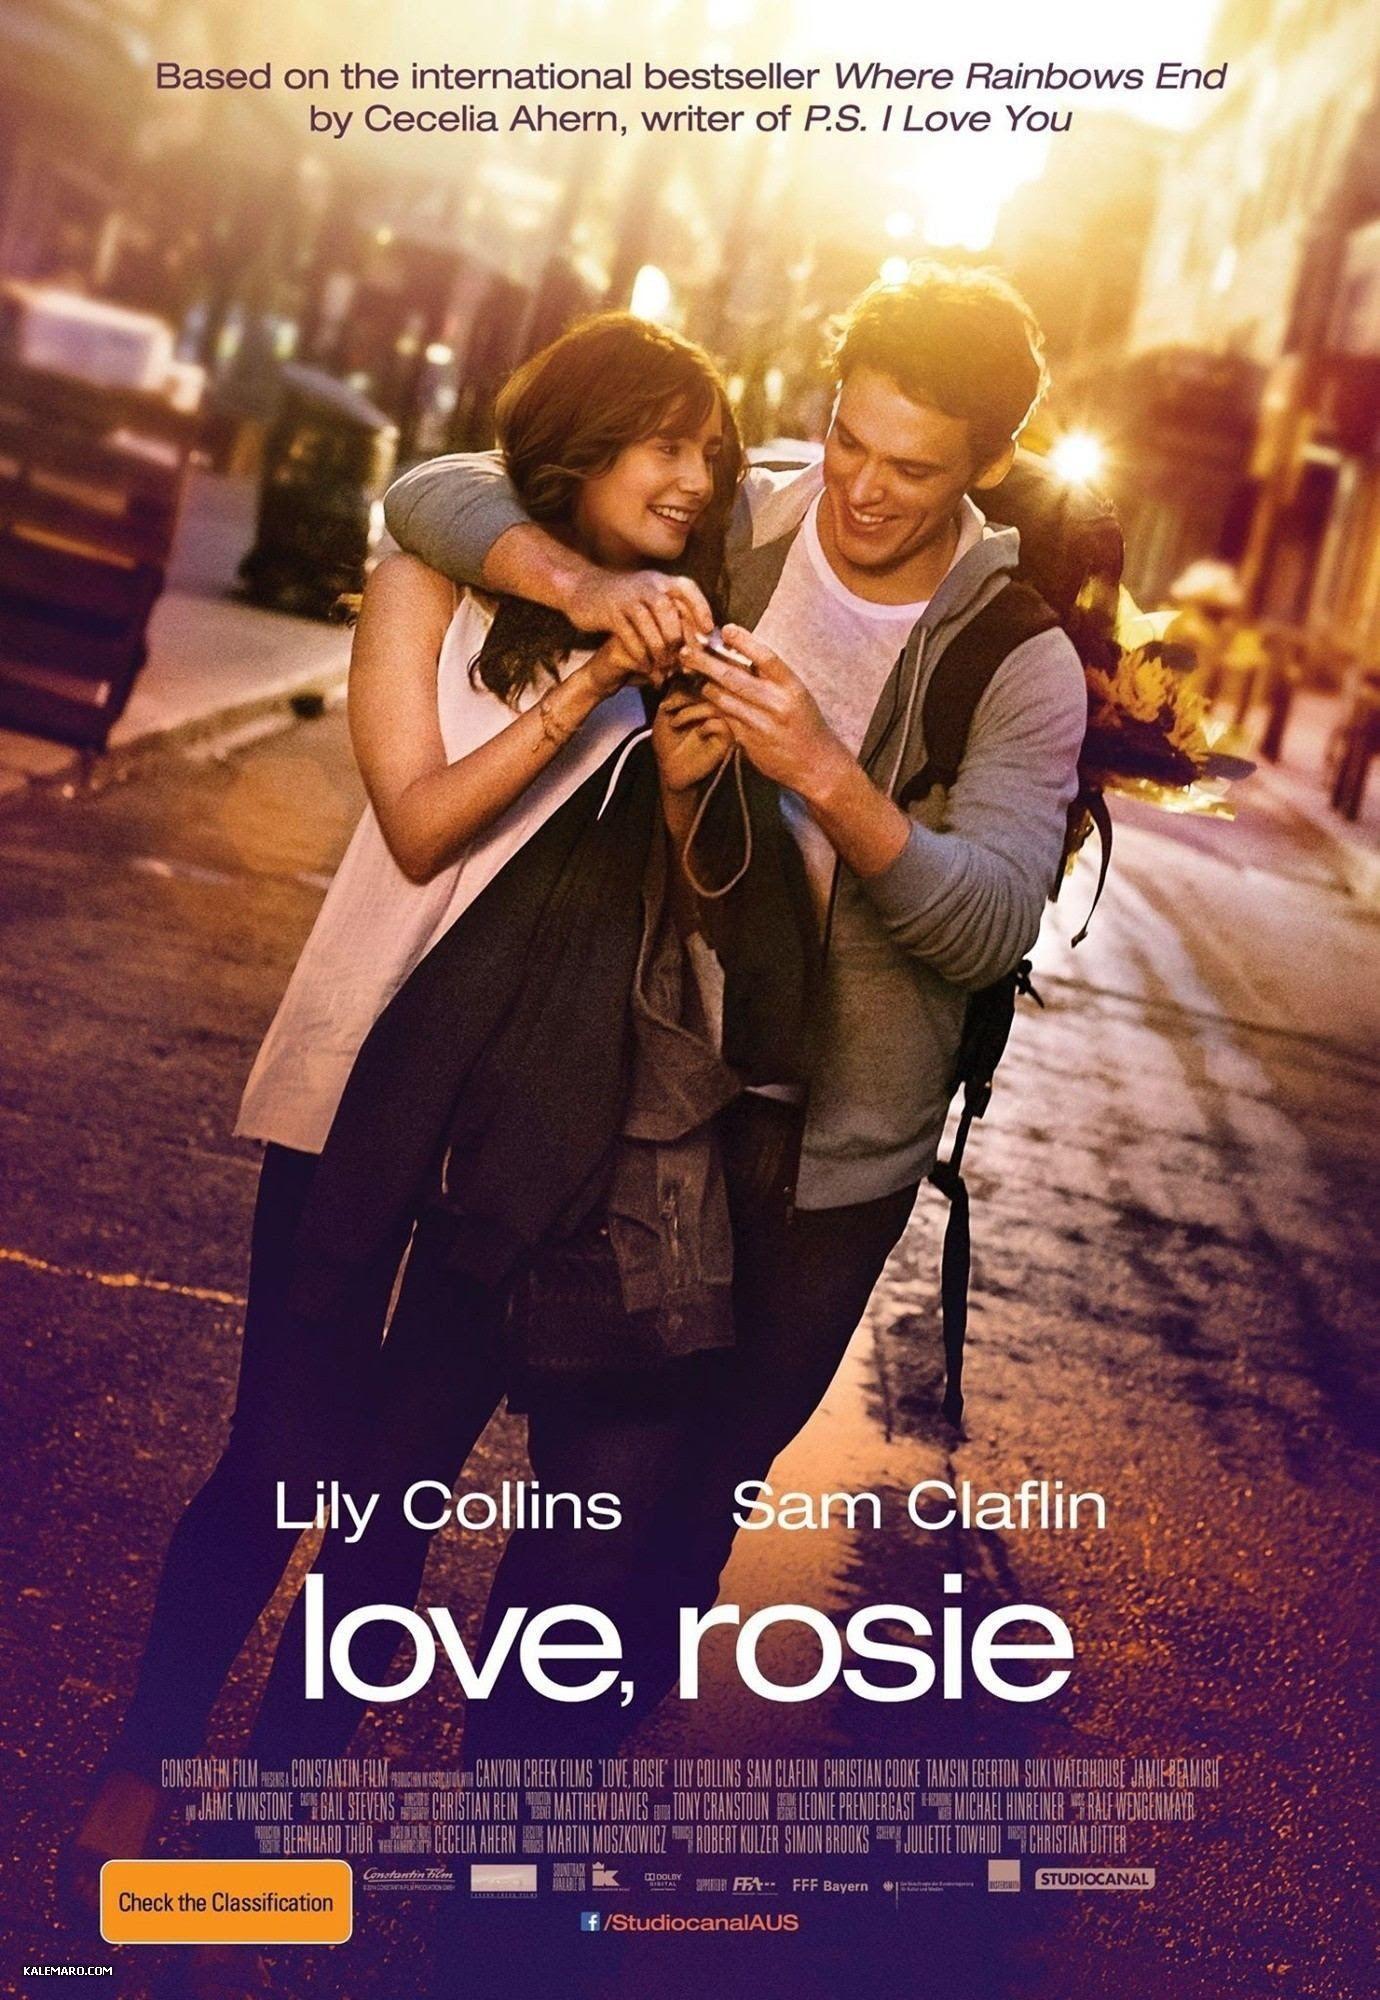 Love Rosie Peliculas Completas En Español Romance Comedia 2014 Hd Peliculas De Amor Mejores Peliculas De Amor Nombres De Peliculas